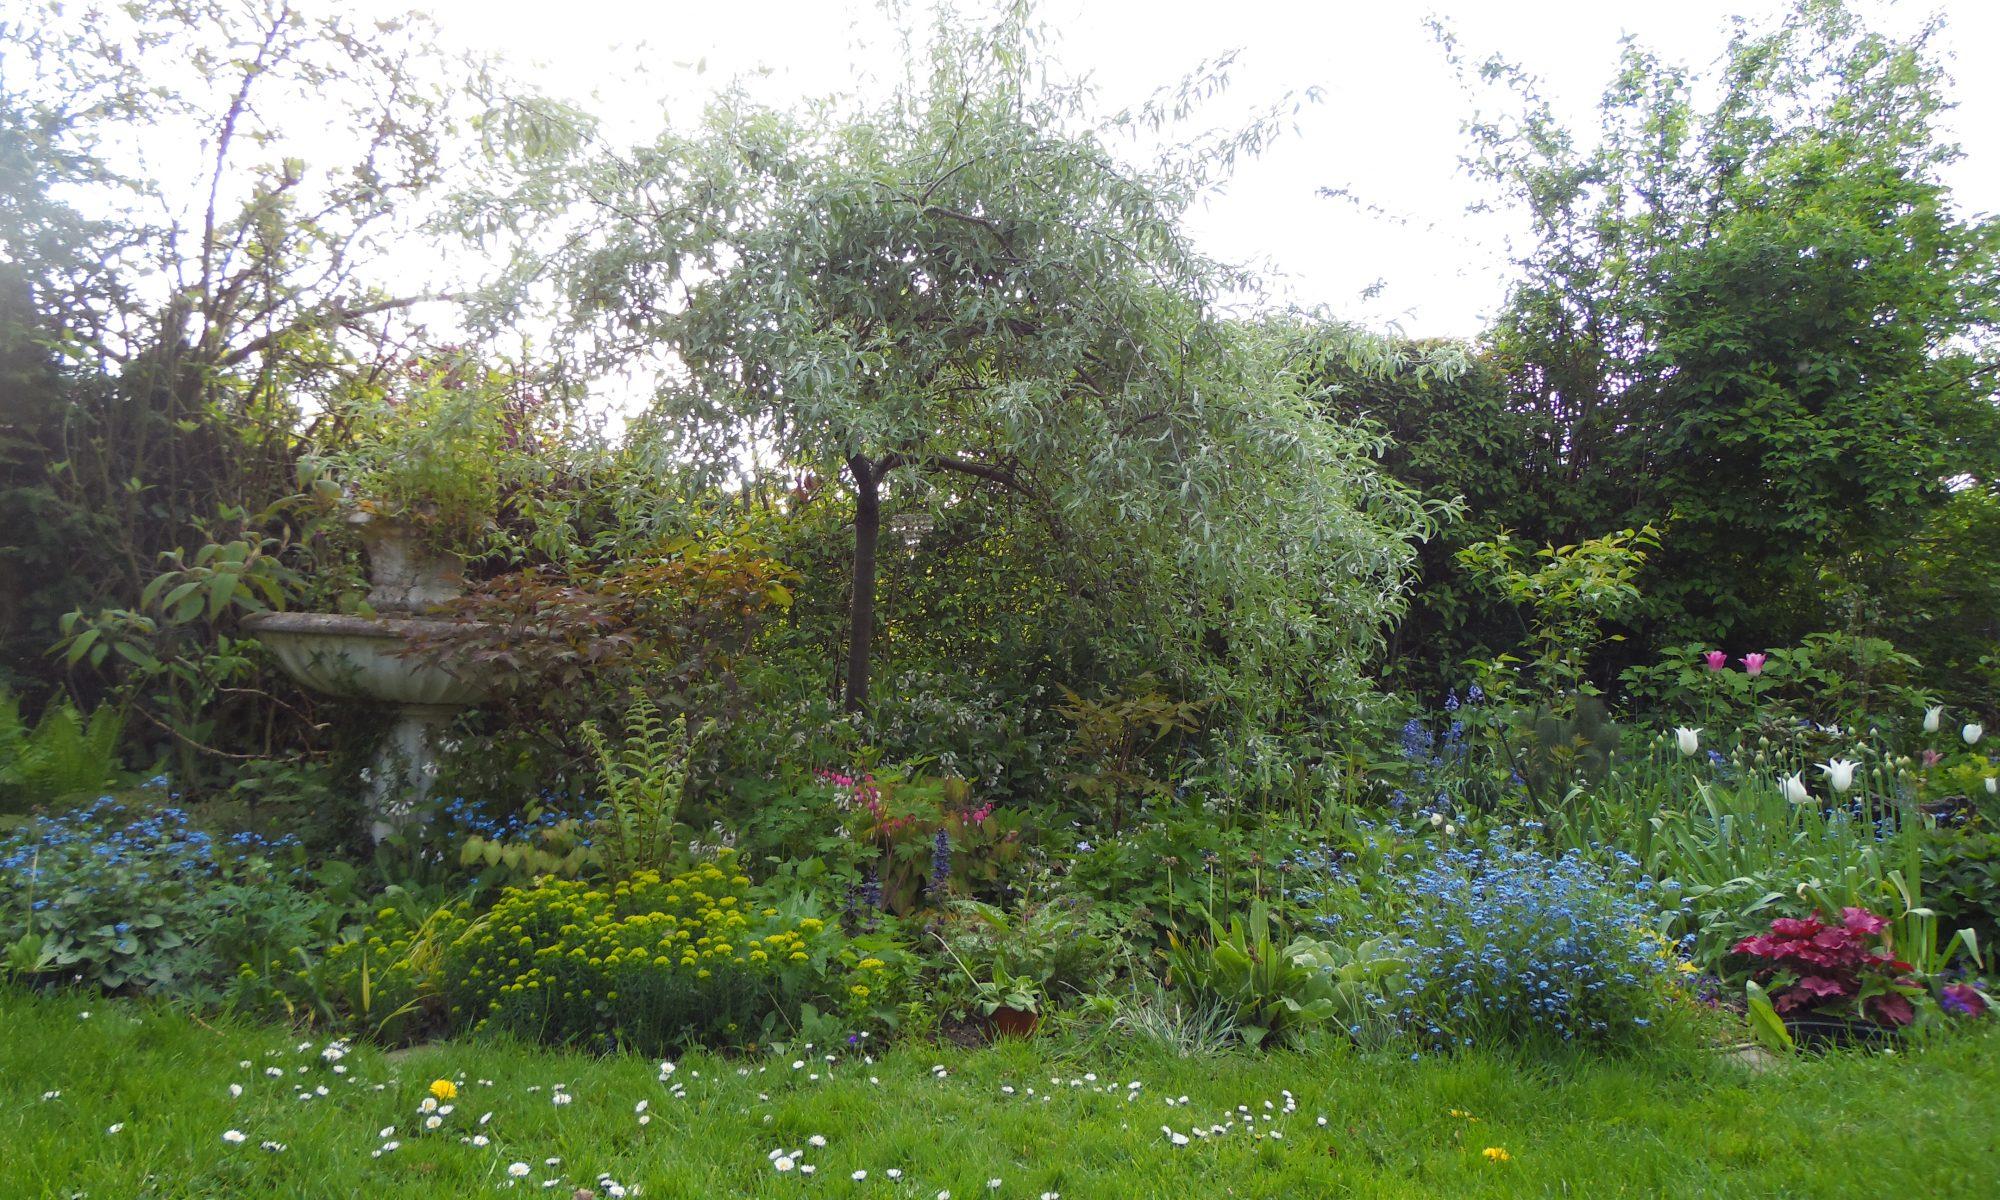 Gartenwerkstatt Nettlingen